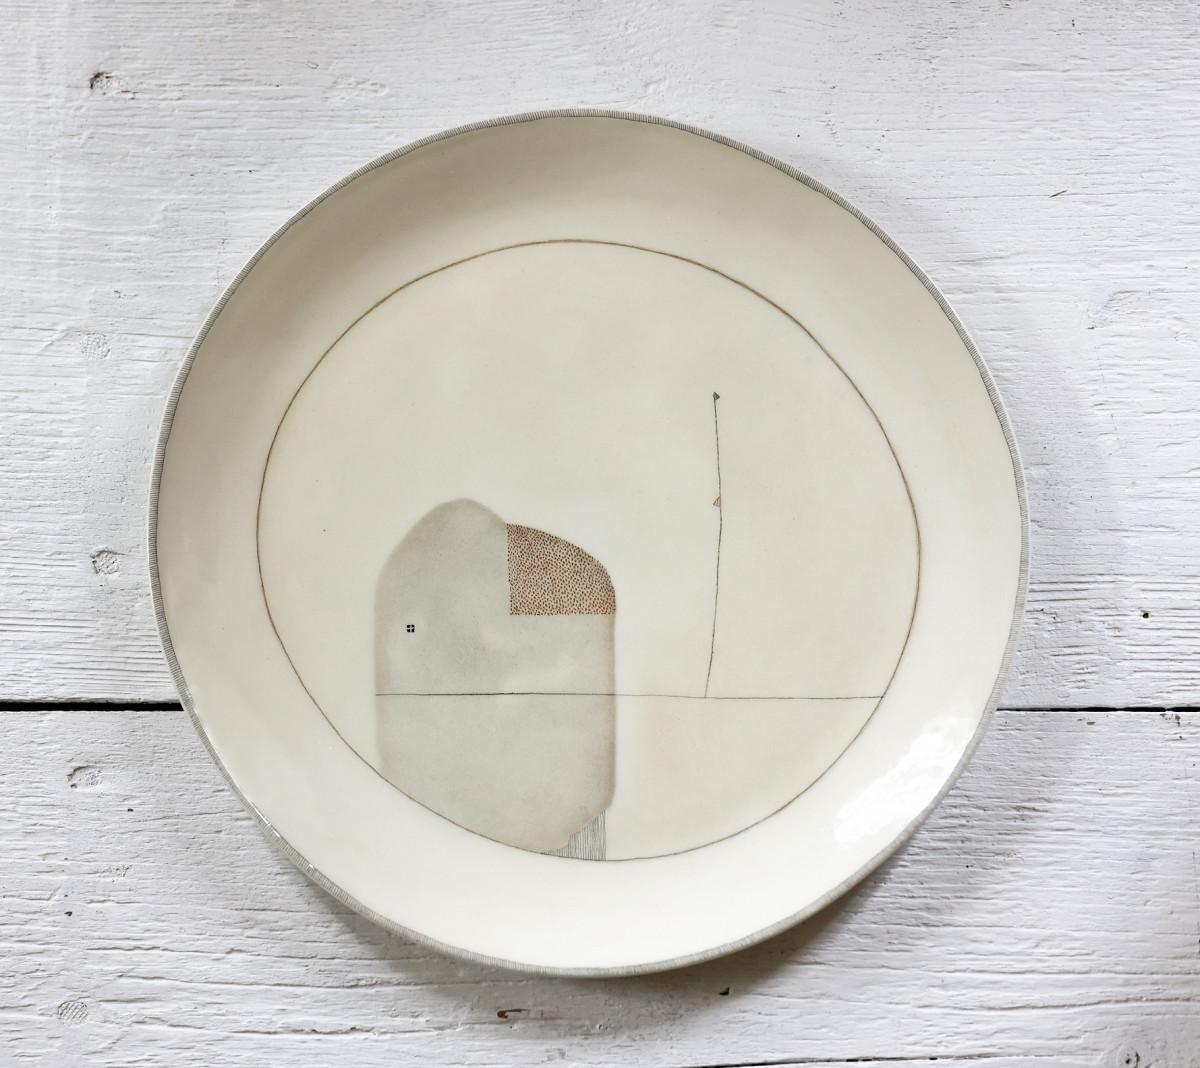 Naujojoje Klaipėdos galerijoje K. Juškevičiūtės-Kinderienės keramikos paroda